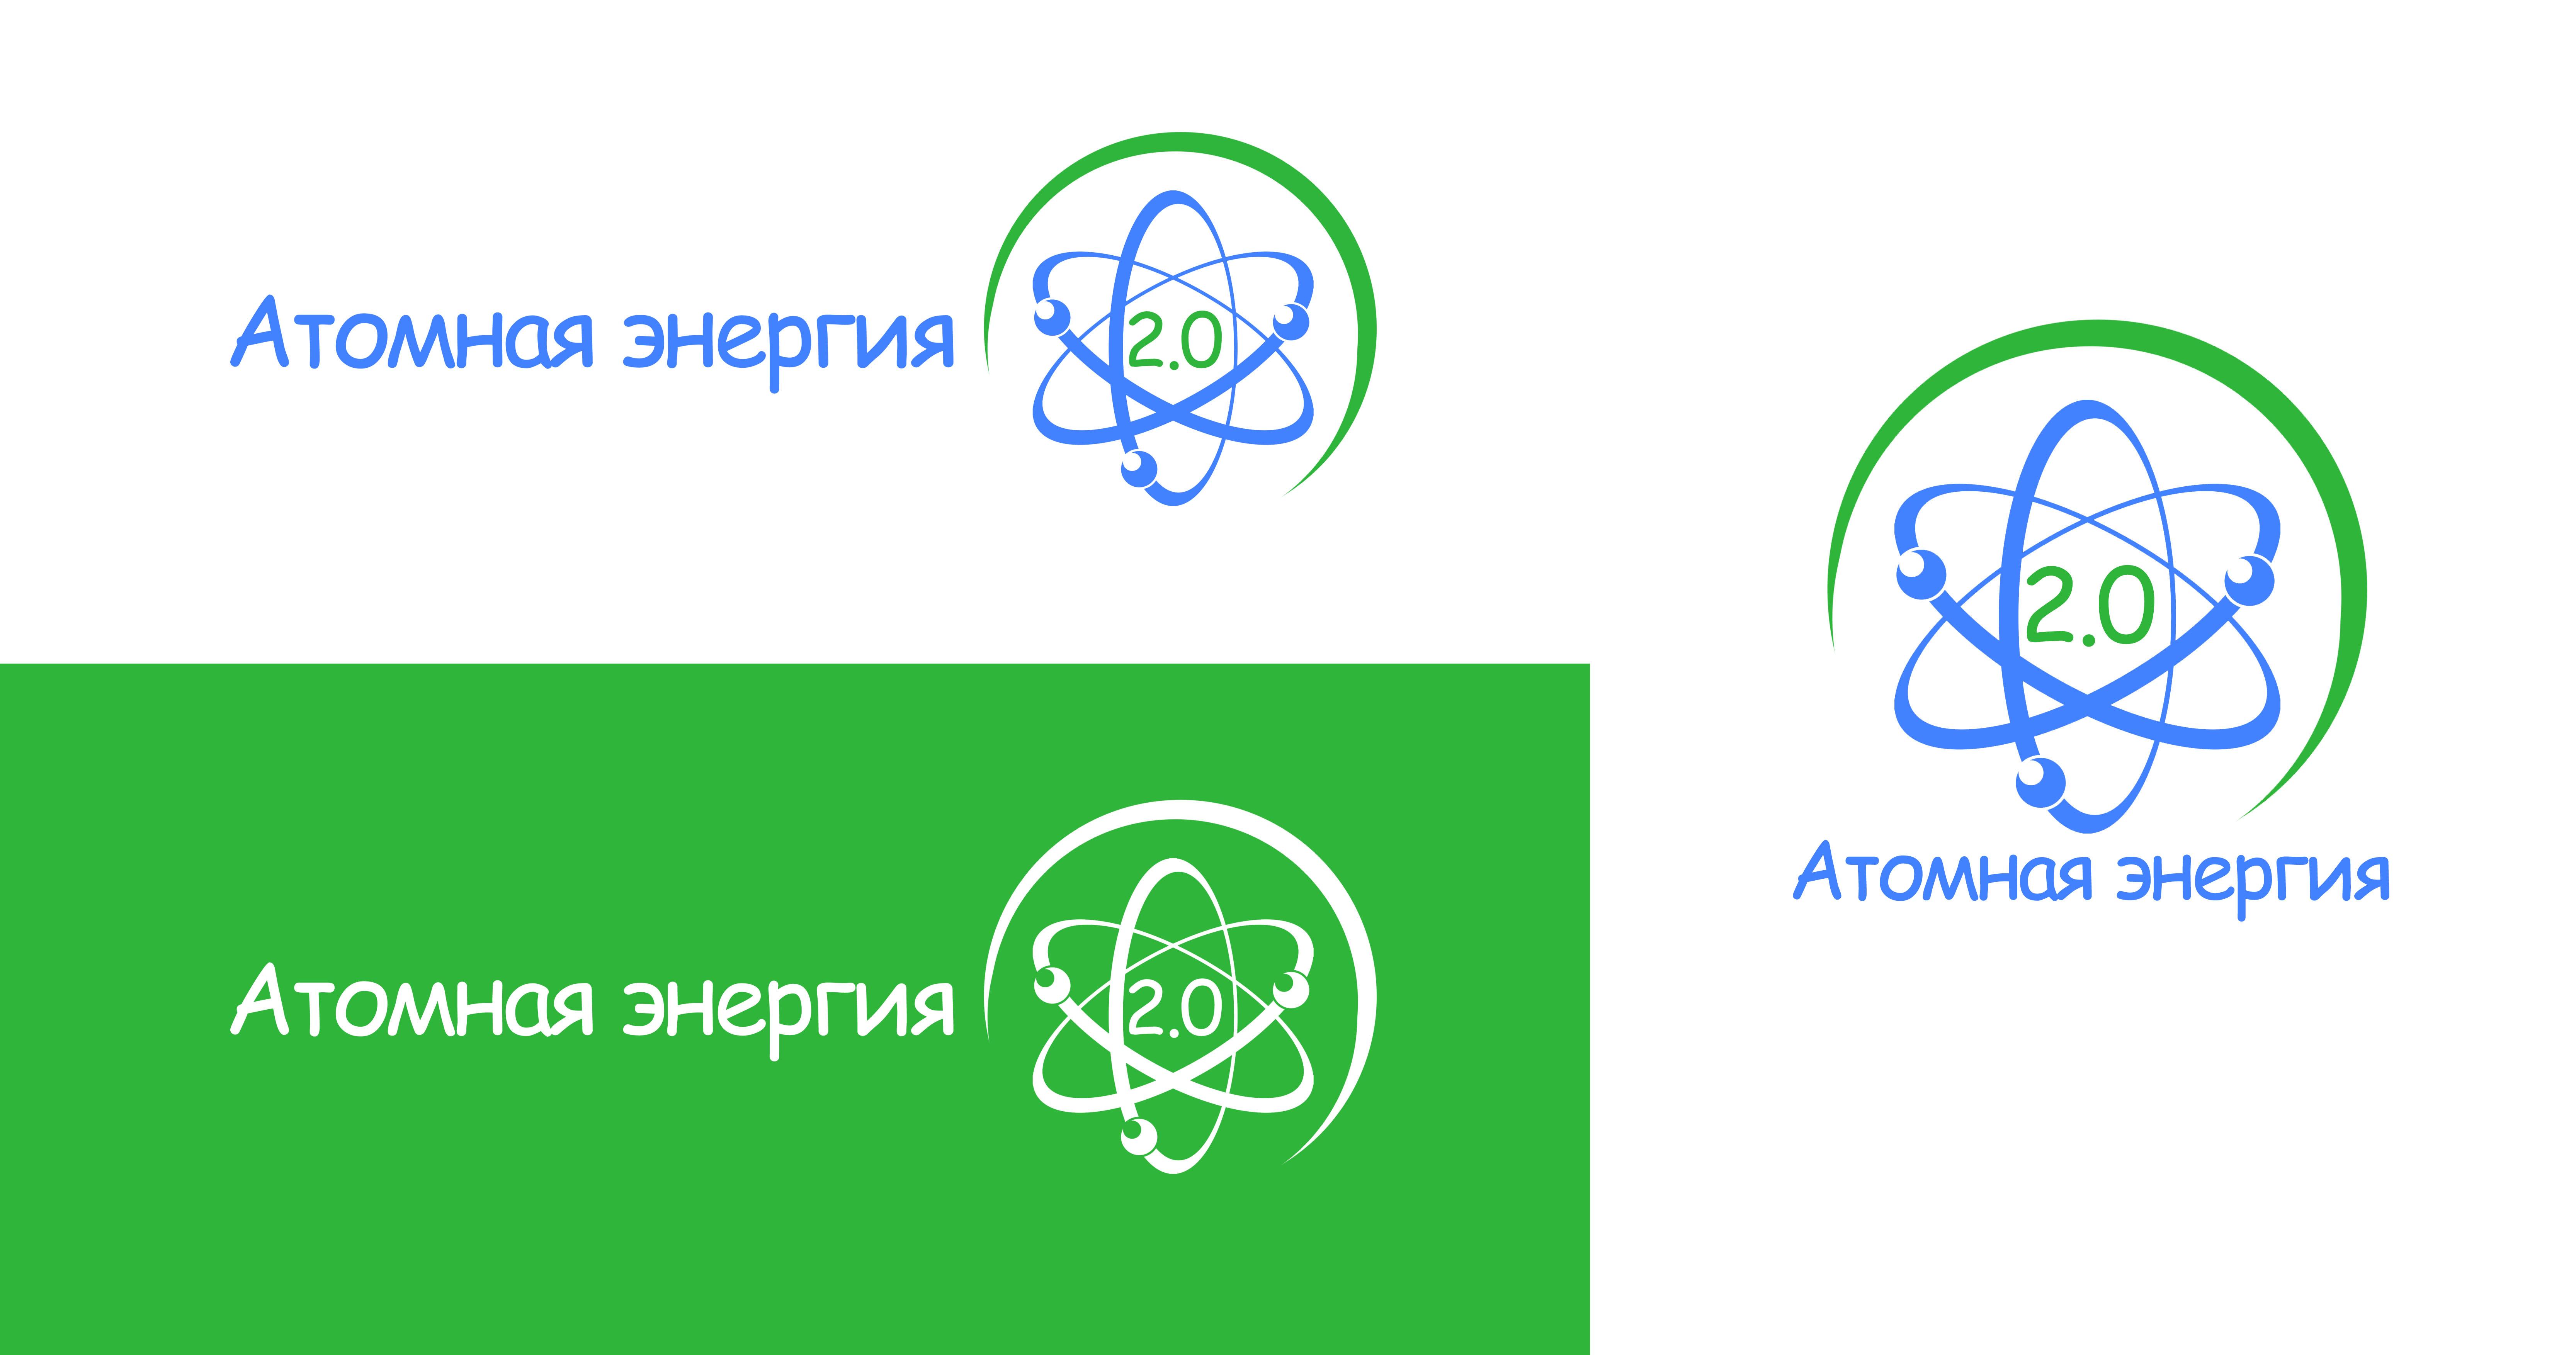 """Фирменный стиль для научного портала """"Атомная энергия 2.0"""" фото f_30659e259ecb7b53.jpg"""